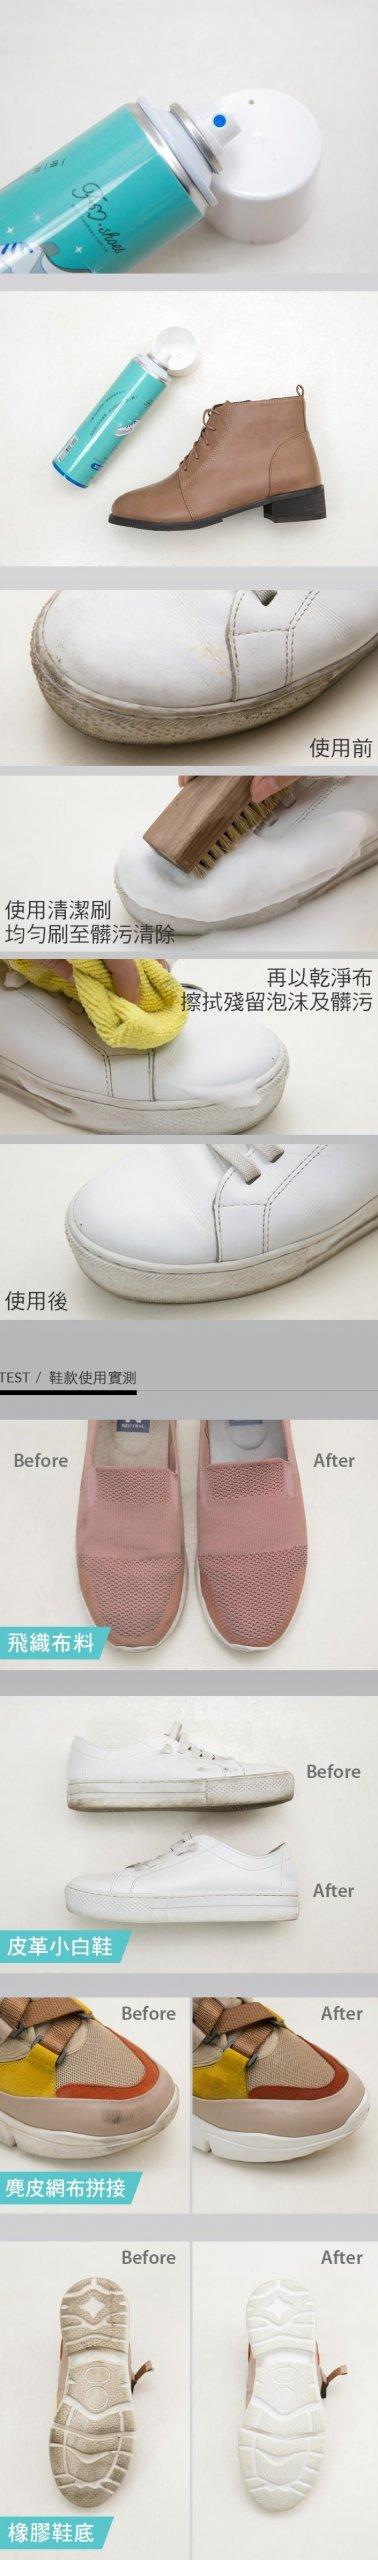 鞋用潔白去污噴霧